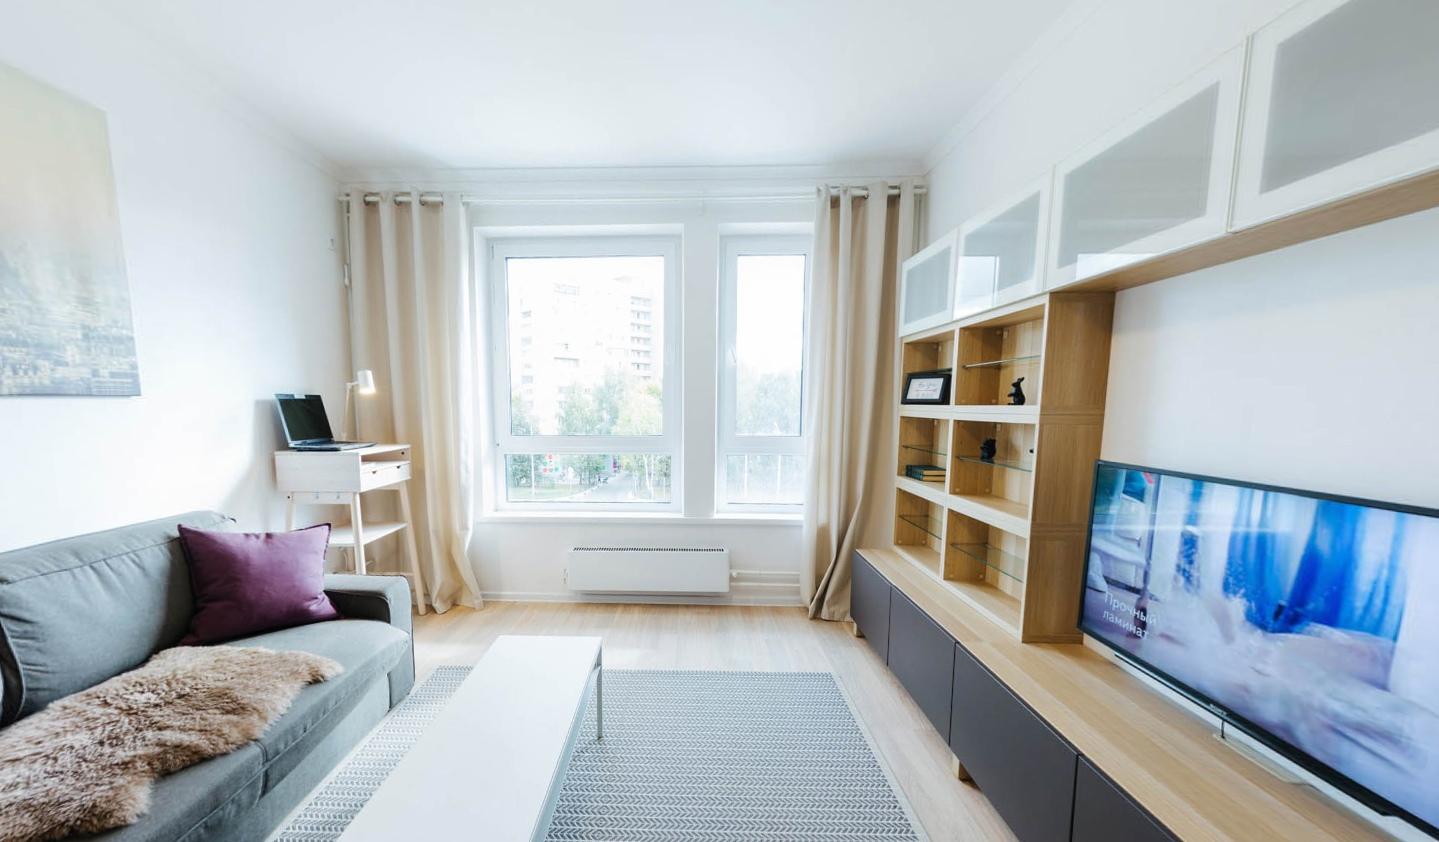 Квартира-студия (шоу-рум) 34 кв.